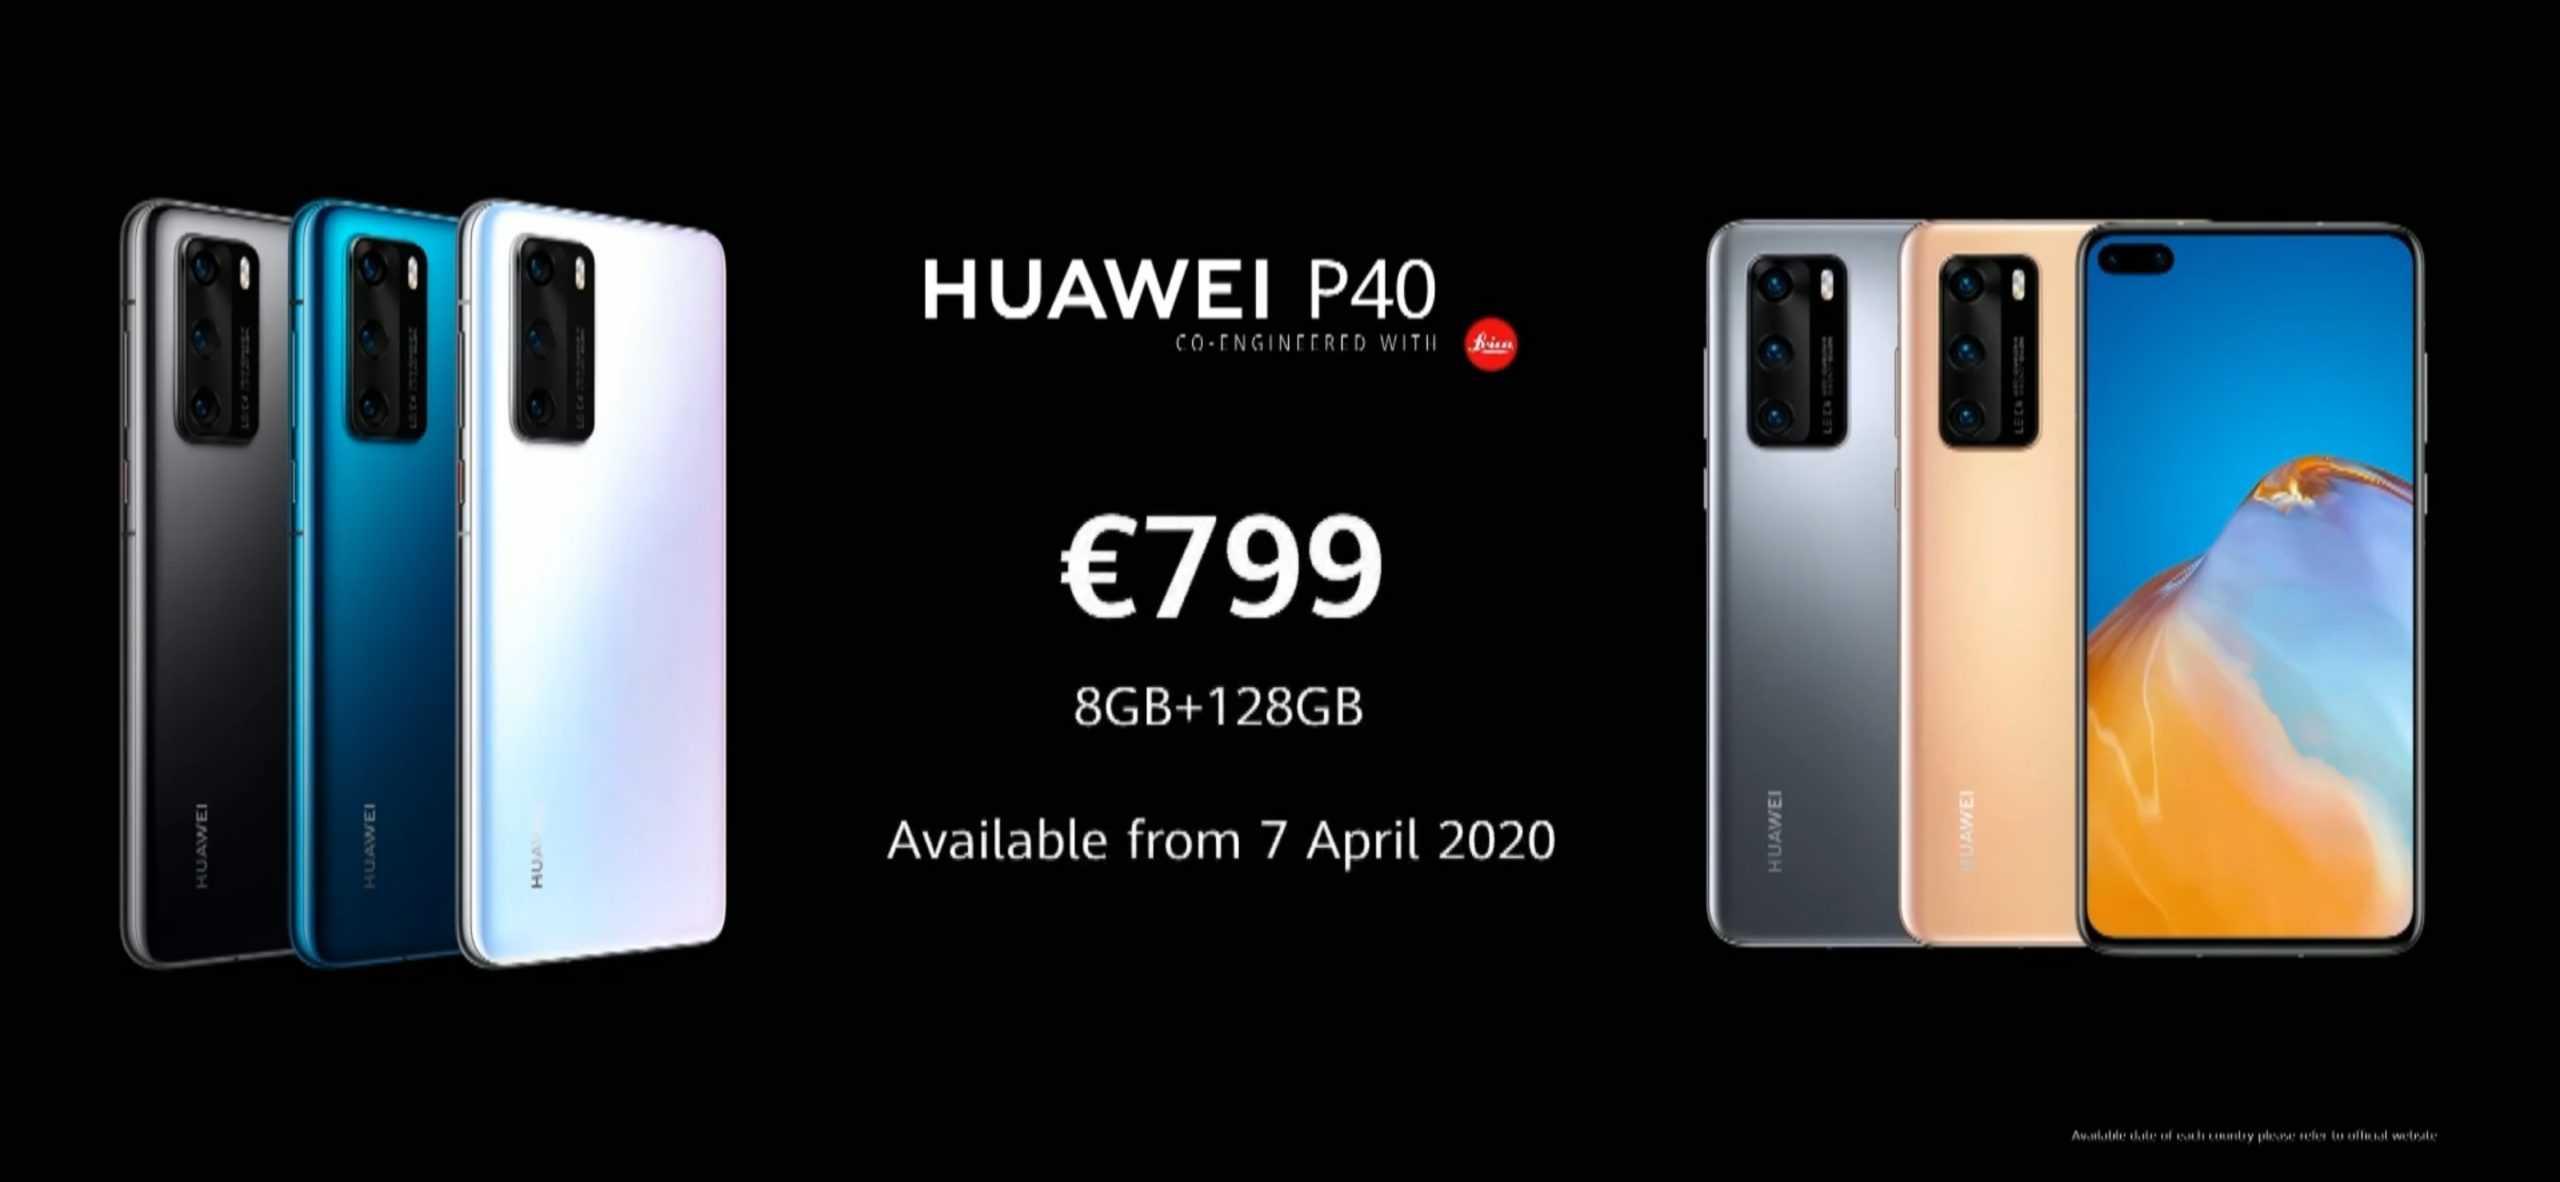 Huawei P40 pricing